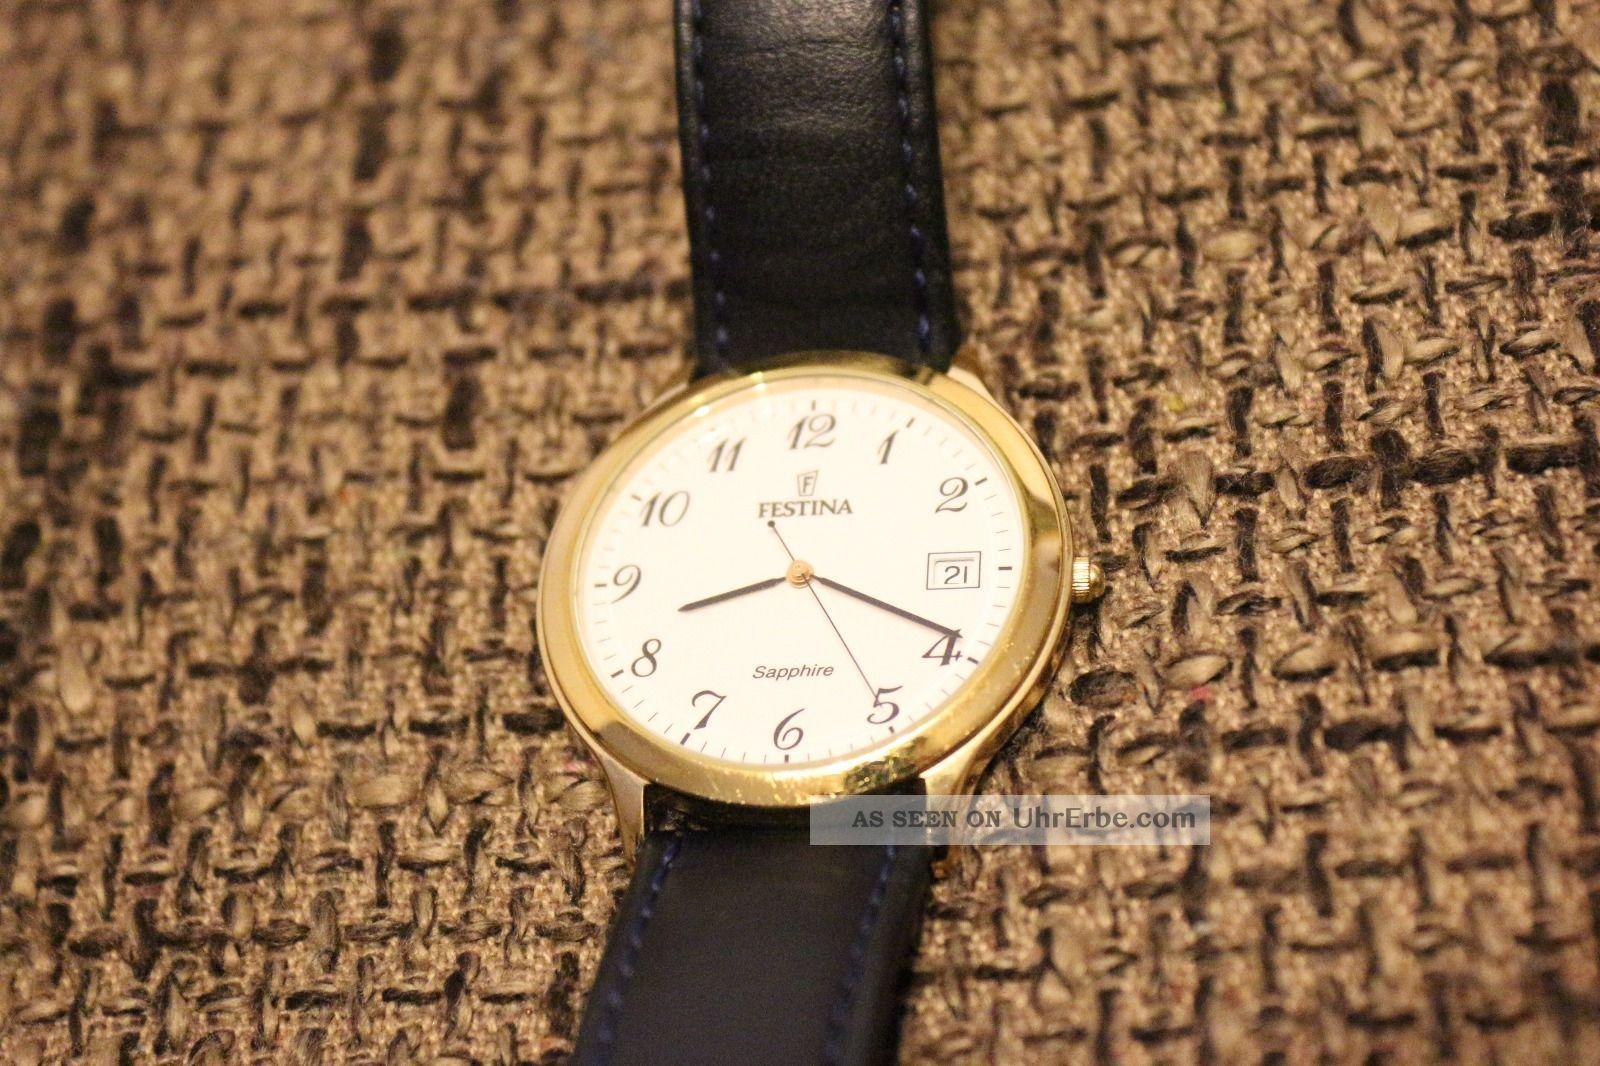 Festina Sapphire Crystal Regsitered Model Herren Damen Leder Armbanduhr Swiss Armbanduhren Bild